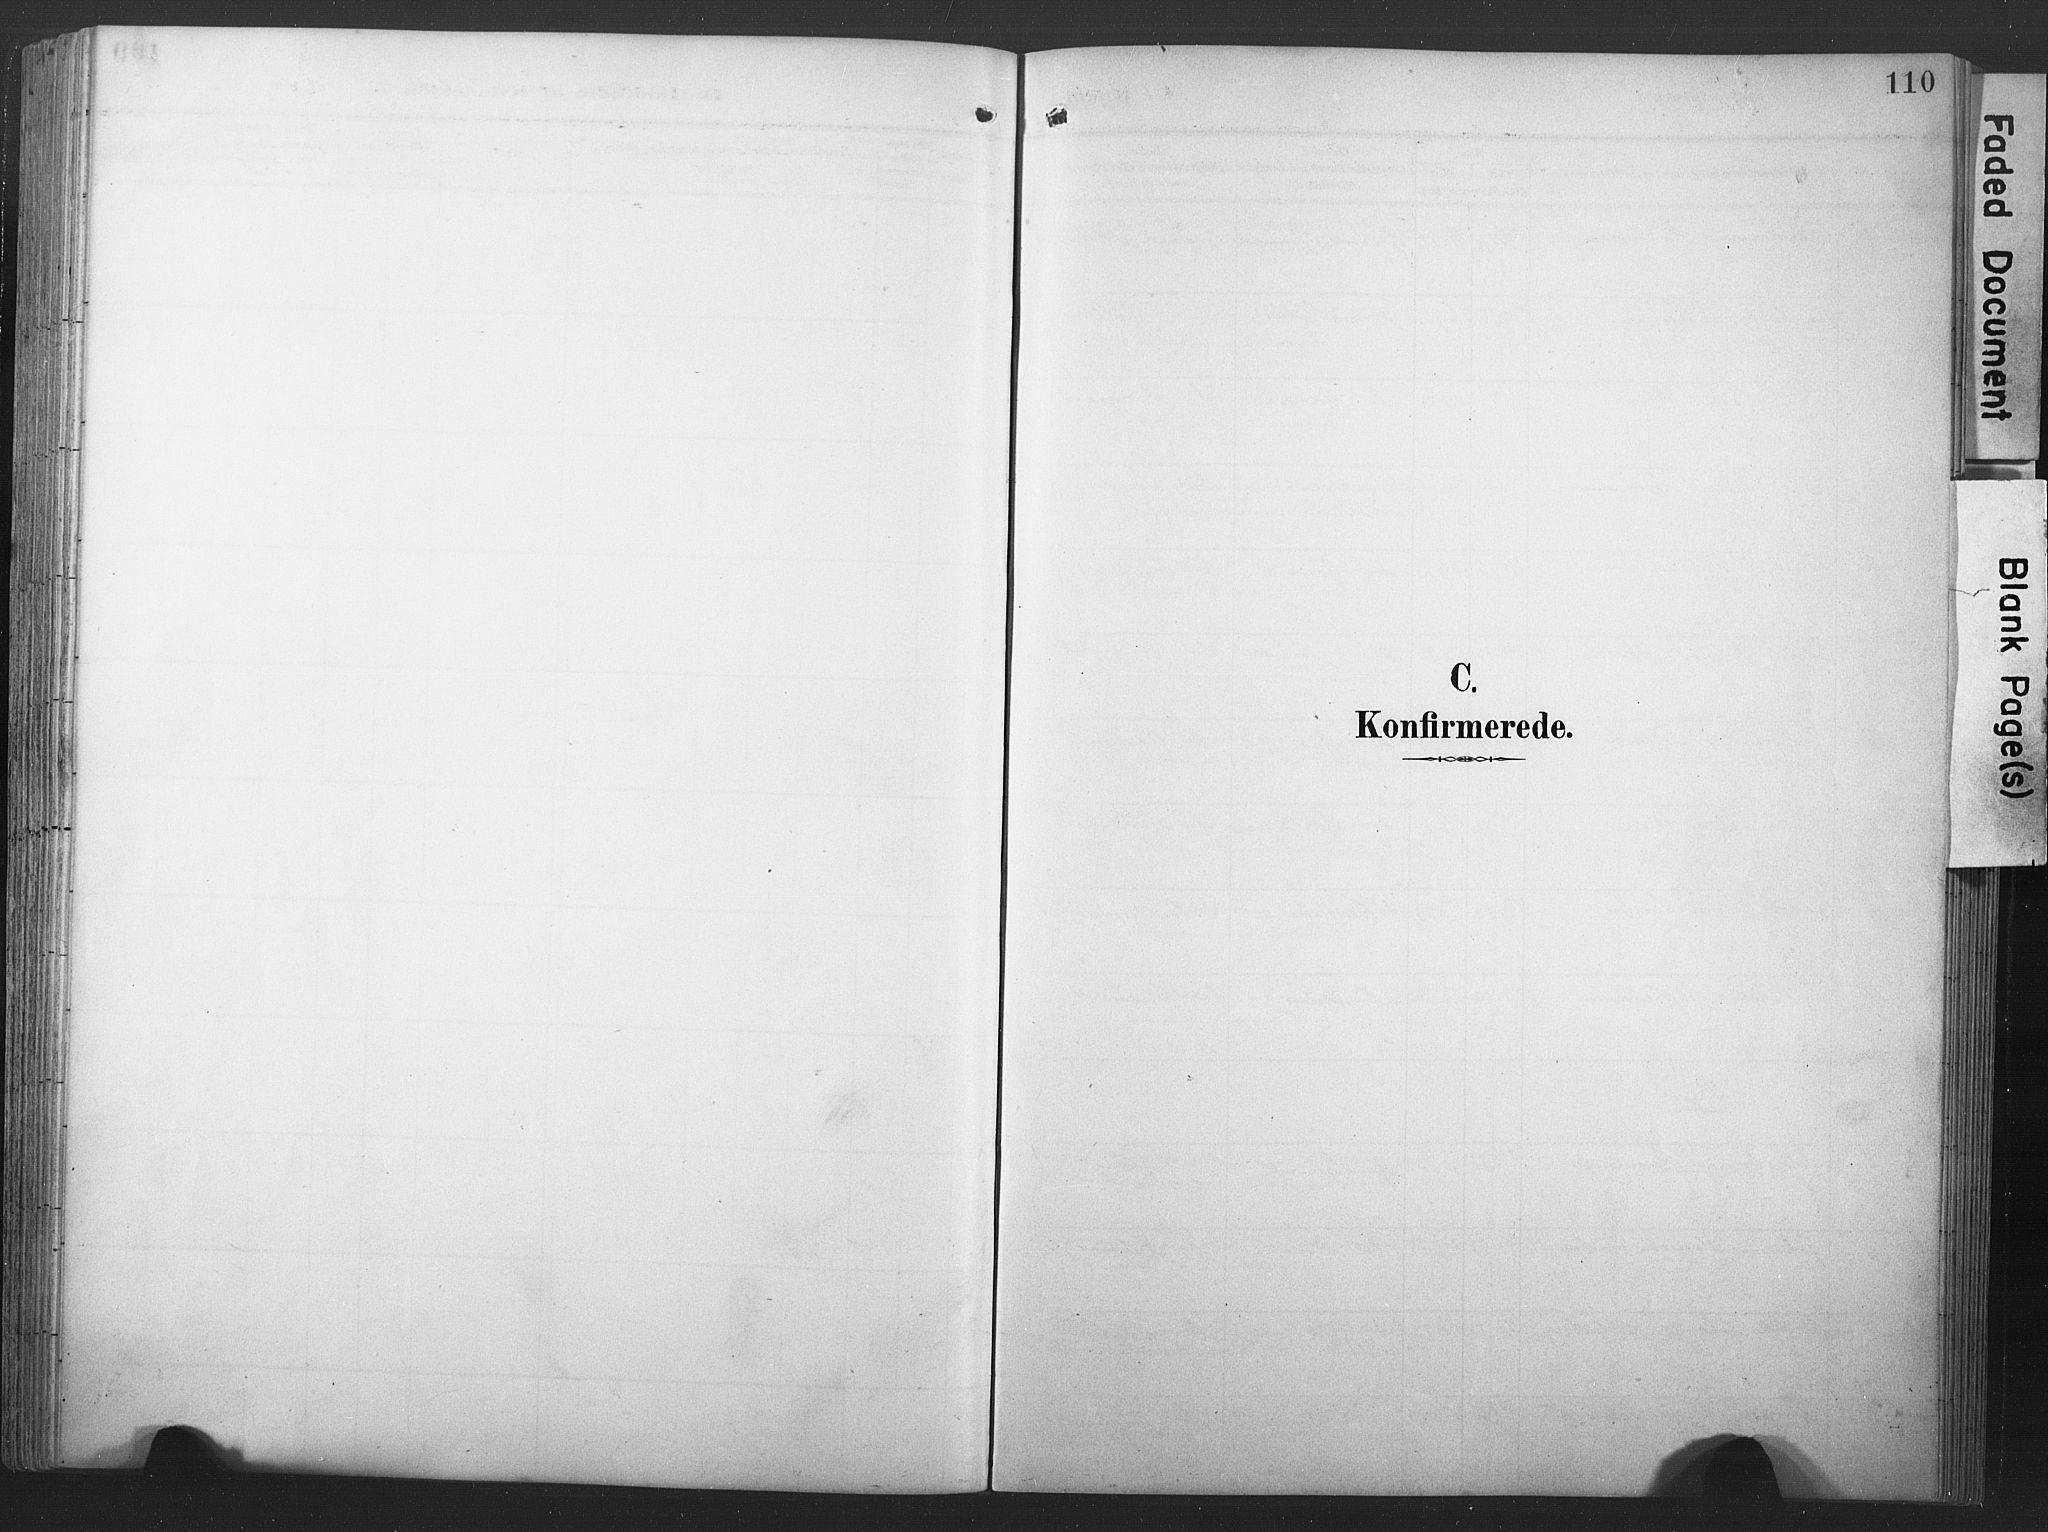 SAT, Ministerialprotokoller, klokkerbøker og fødselsregistre - Nord-Trøndelag, 789/L0706: Klokkerbok nr. 789C01, 1888-1931, s. 110